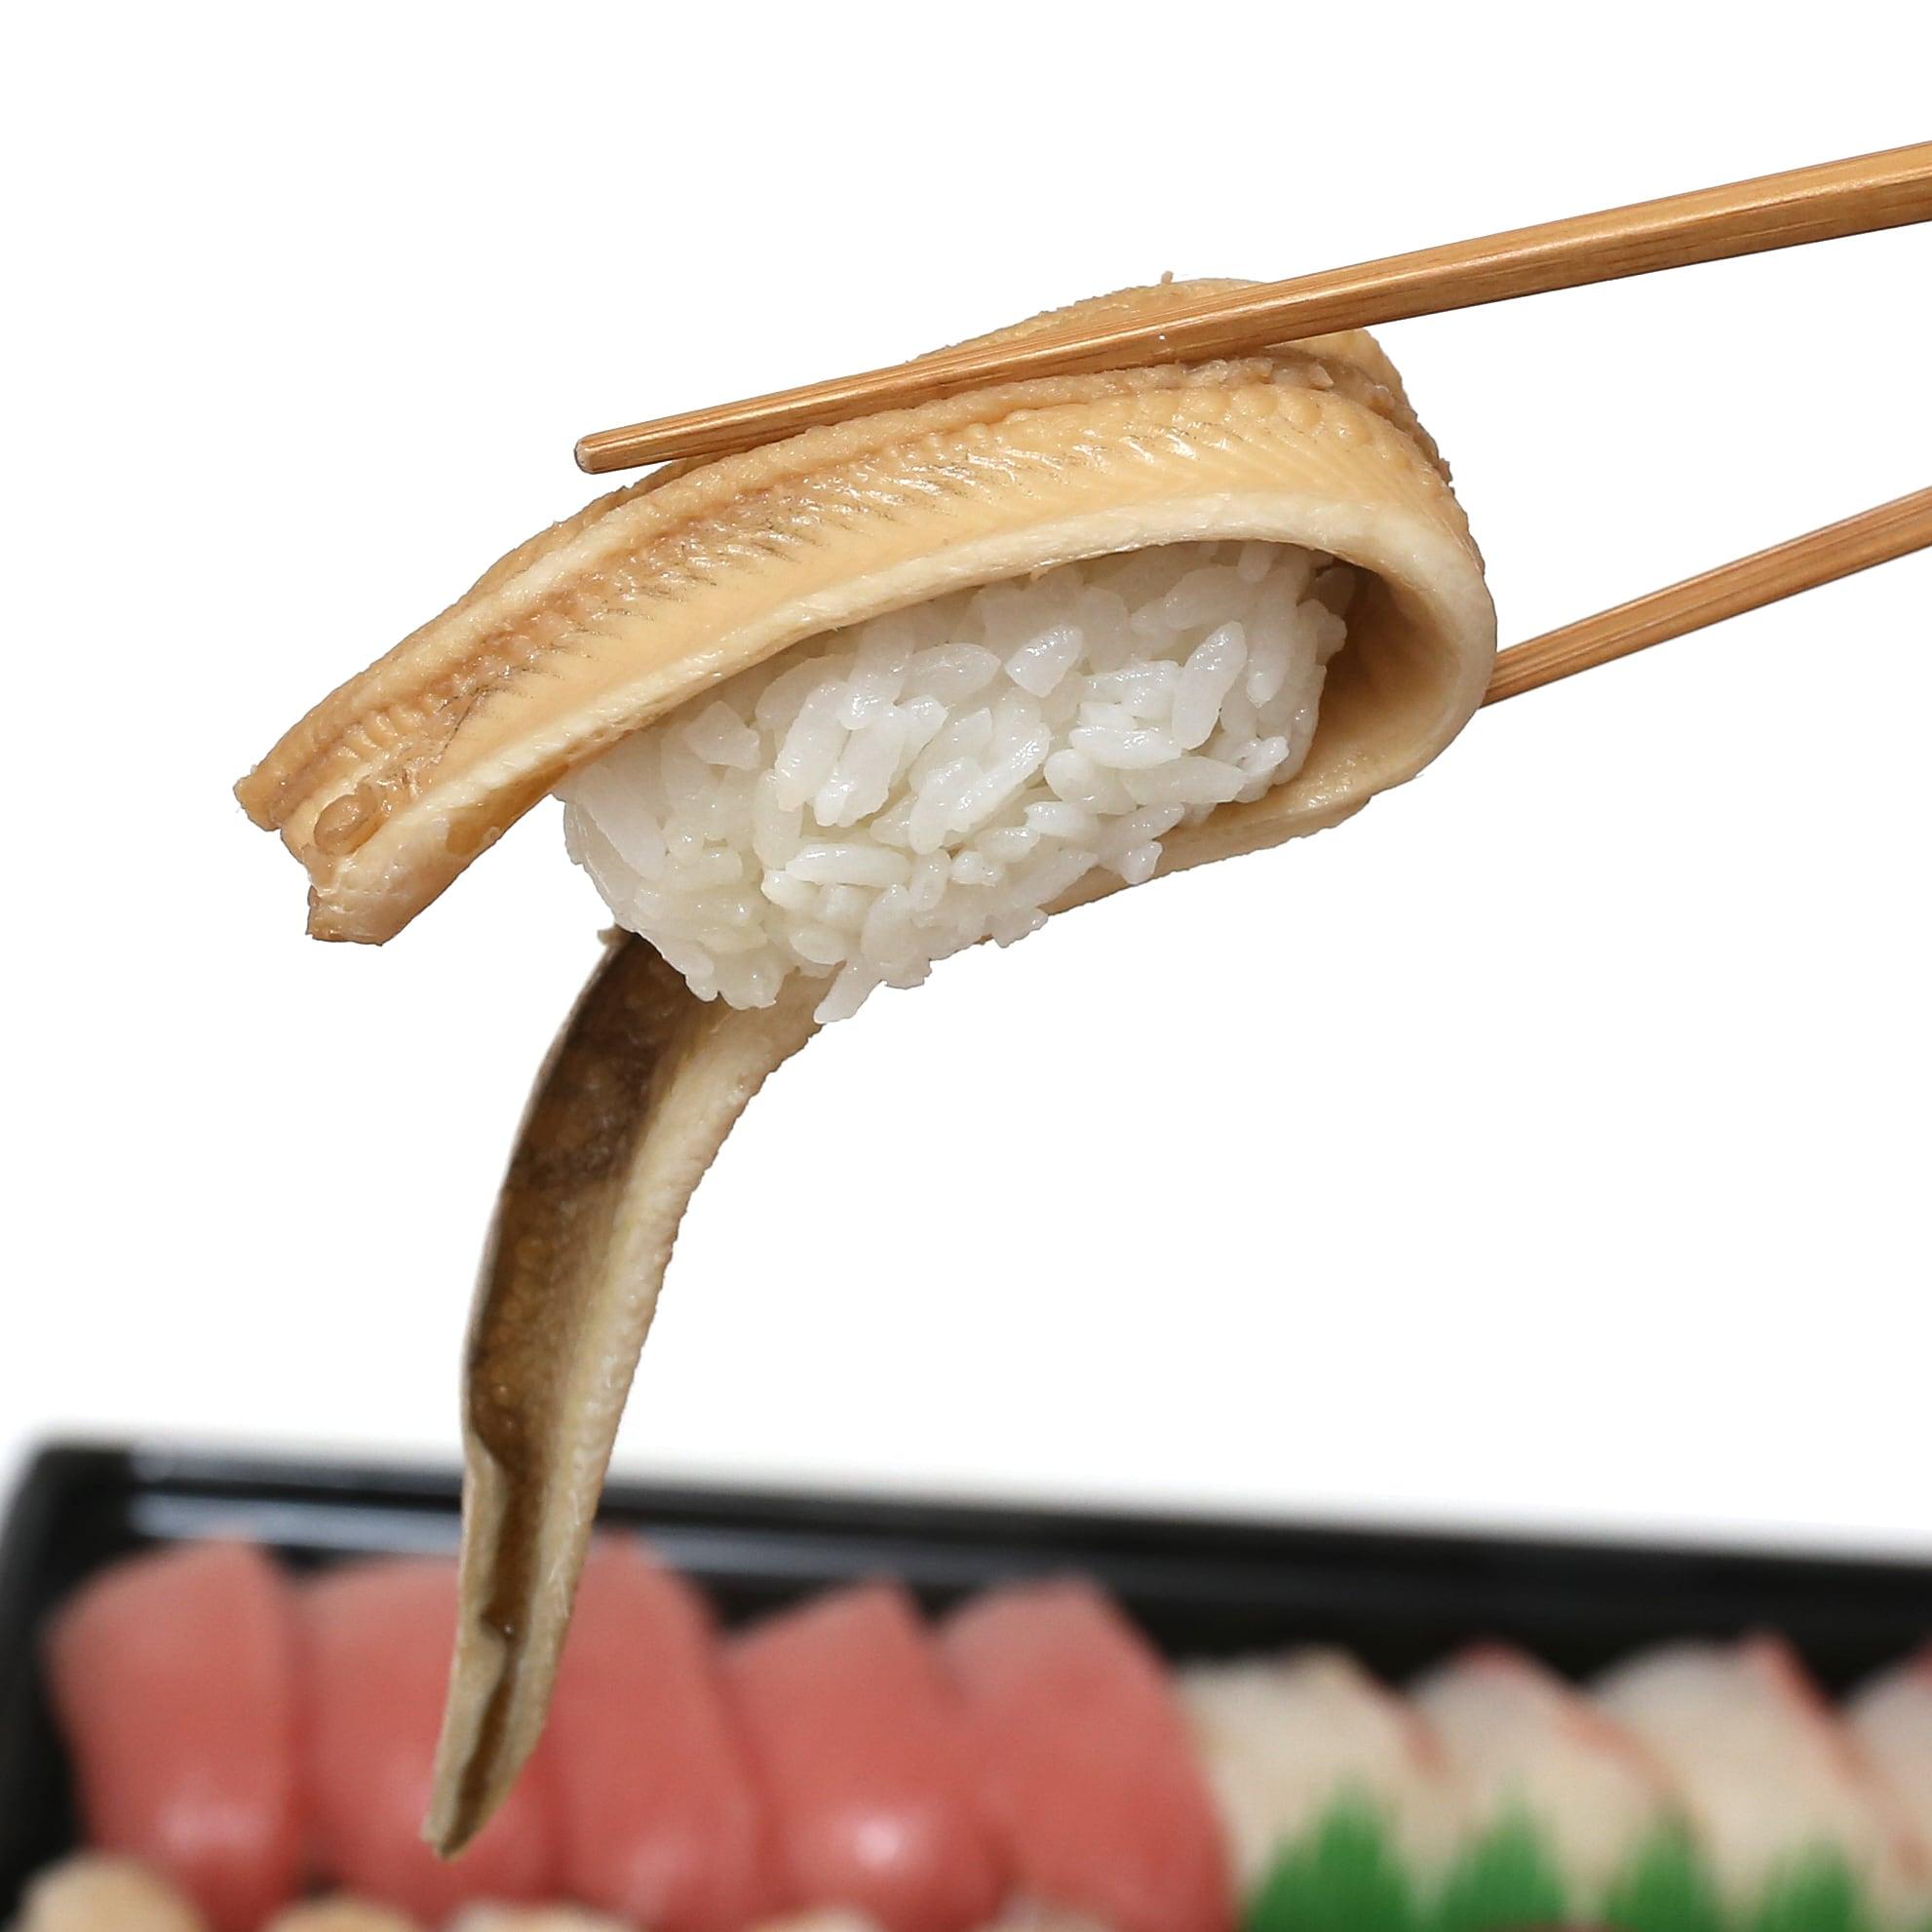 特選ファミリー盛46貫 プレミアム寿司コンボ 穴子